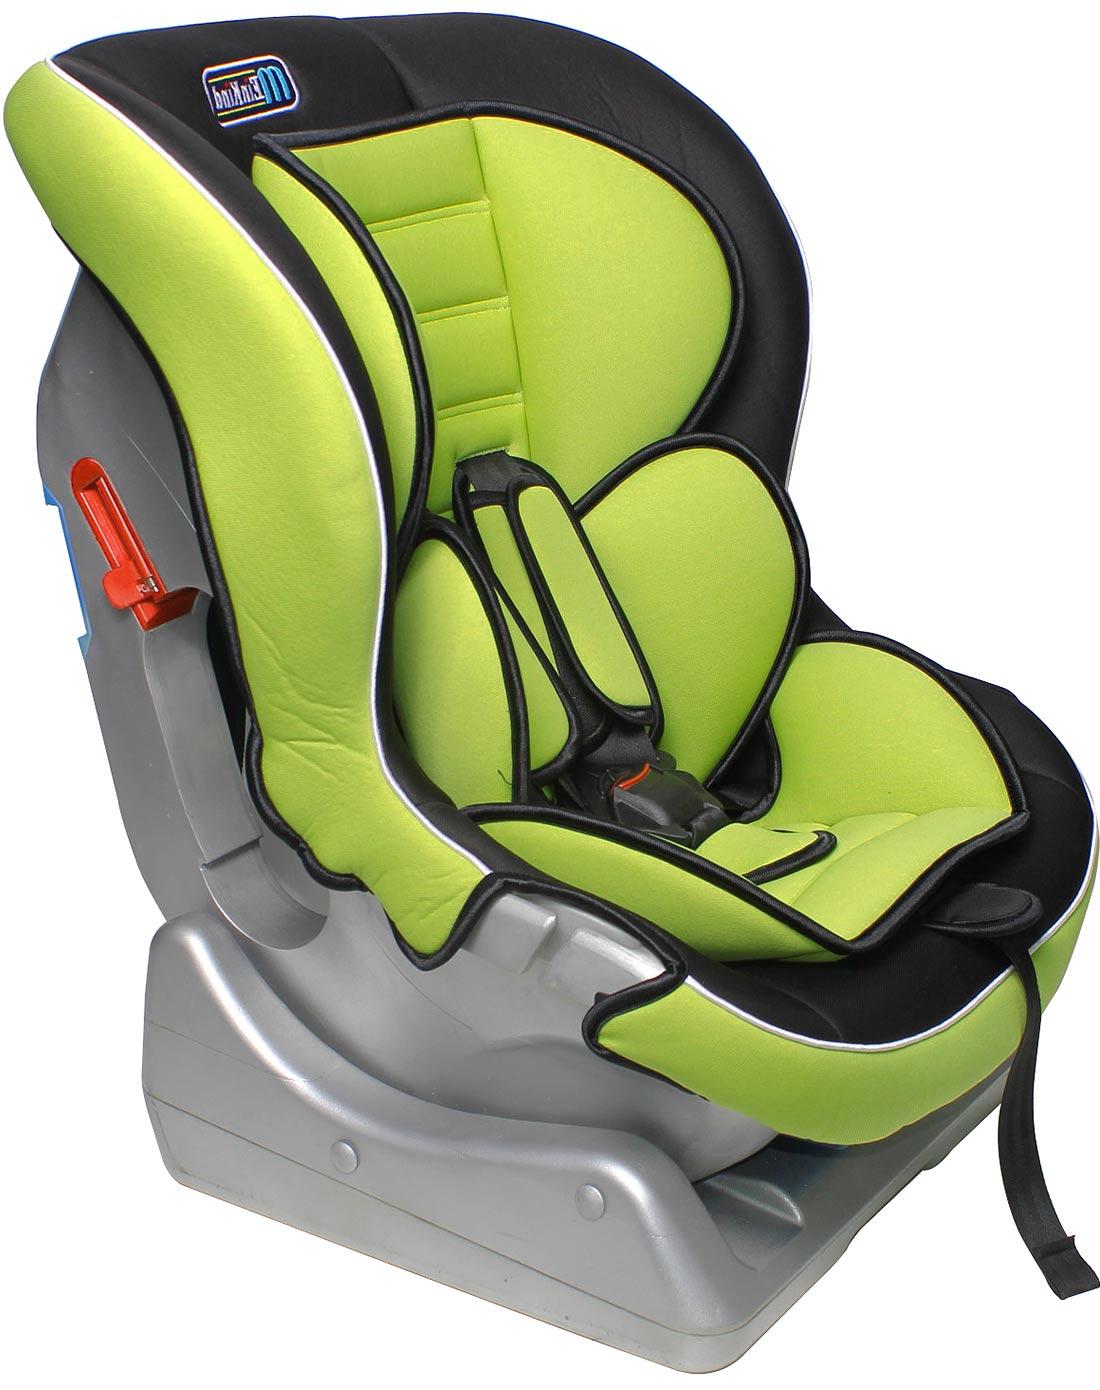 企业想进口儿童汽车安全座椅前期需要做哪些准备 上海